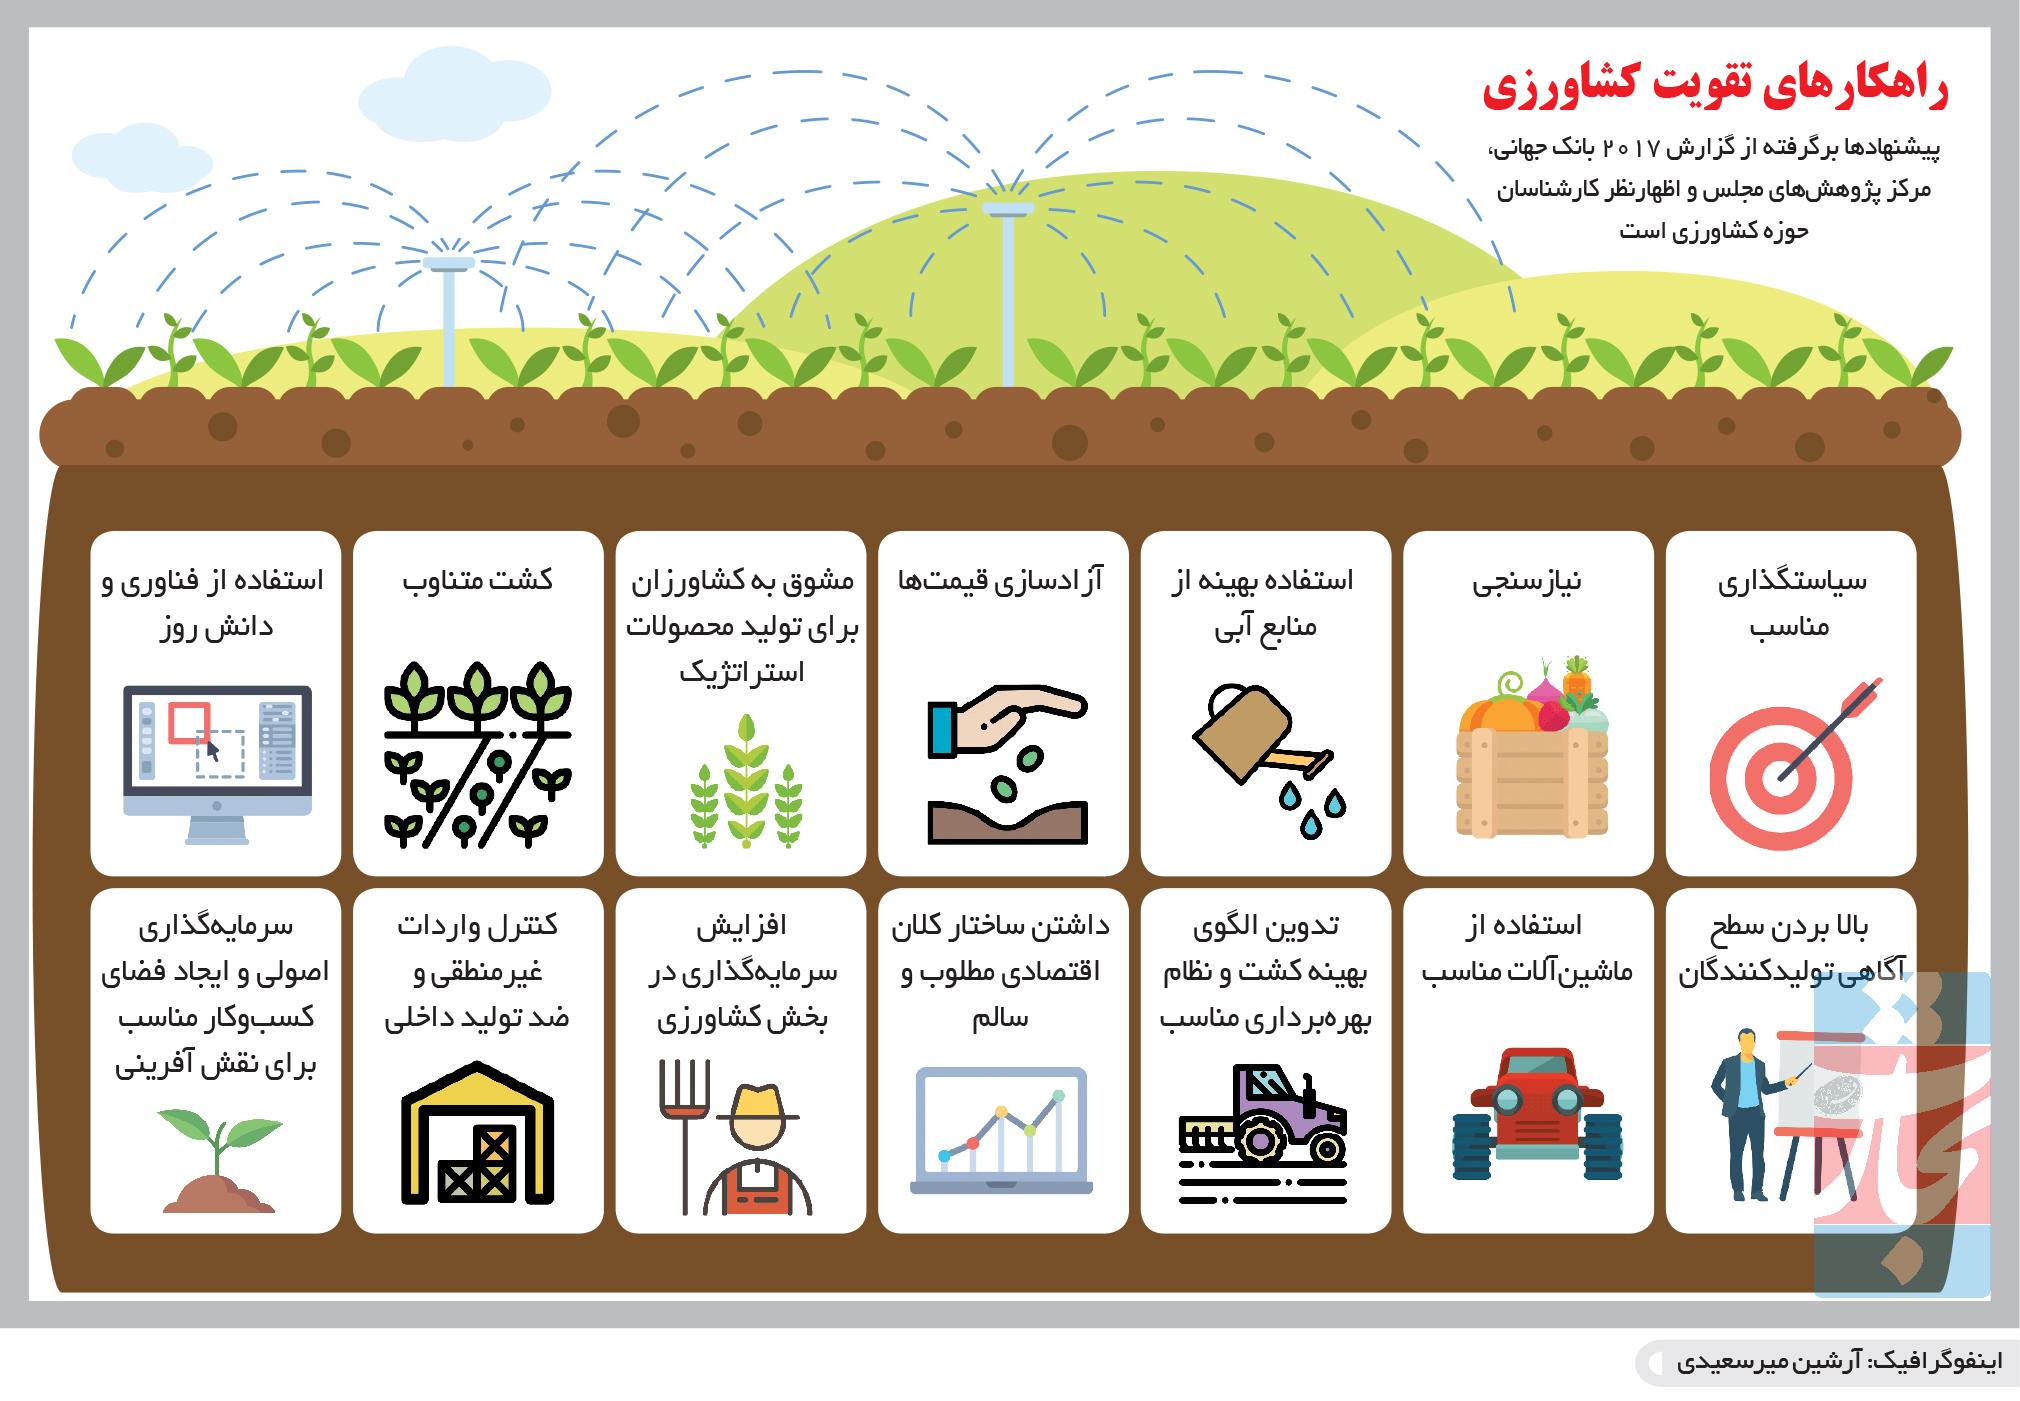 تجارت فردا-  اینفوگرافیک- راهکارهای تقویت کشاورزی